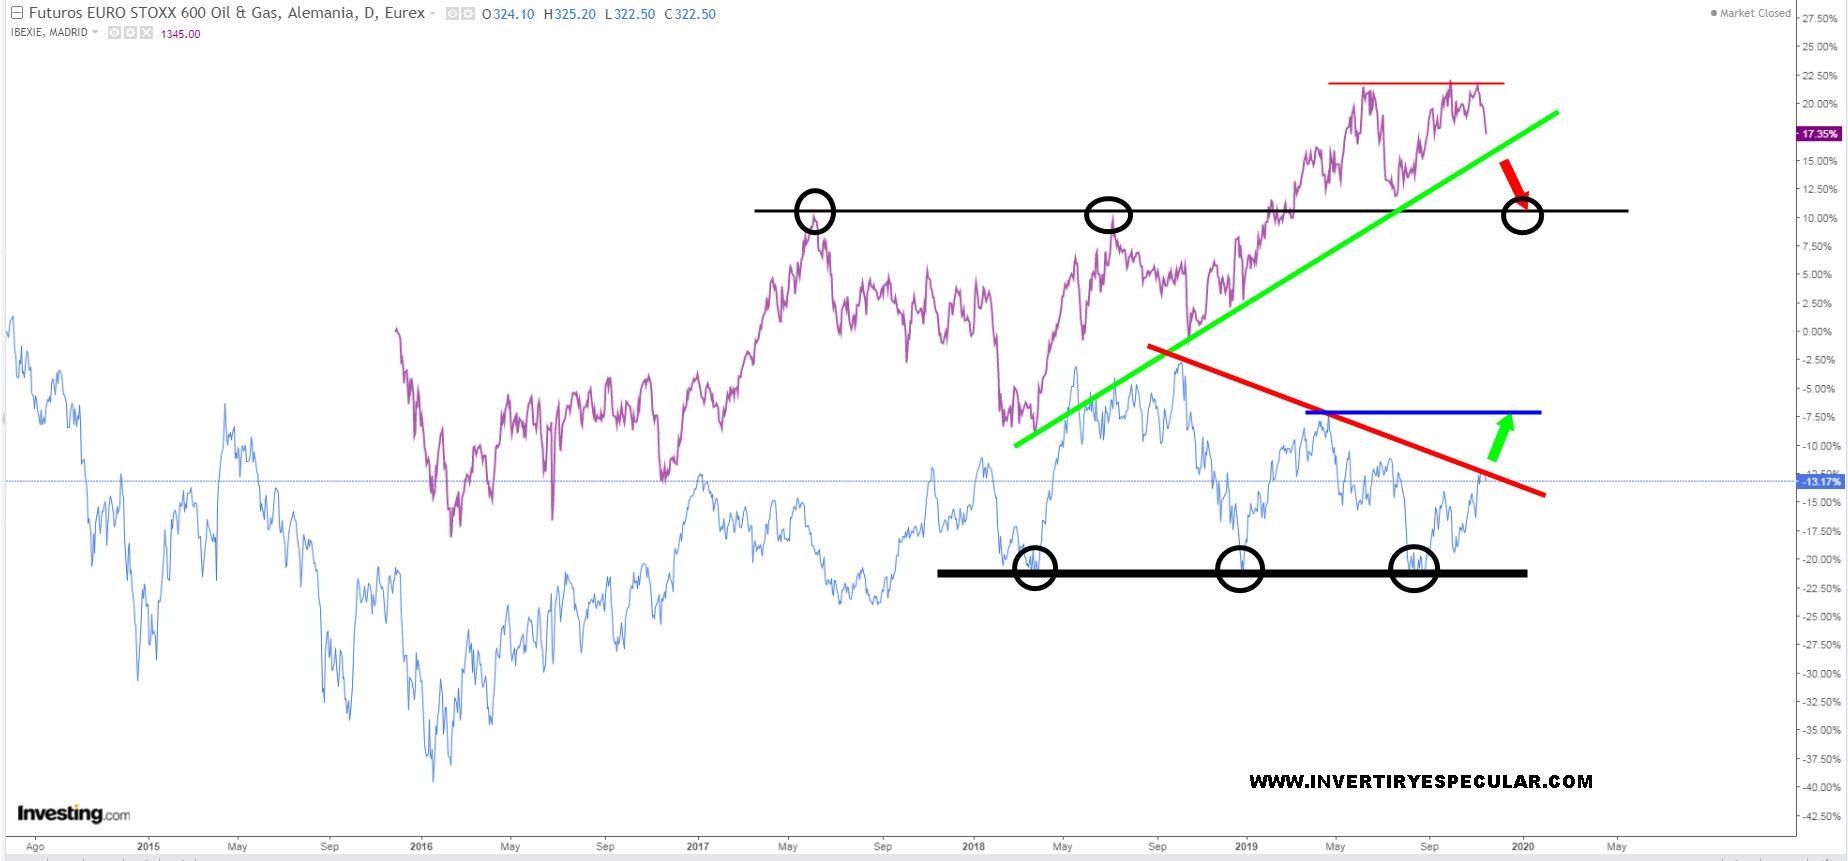 El  energético español vs sectorial STOXX 600